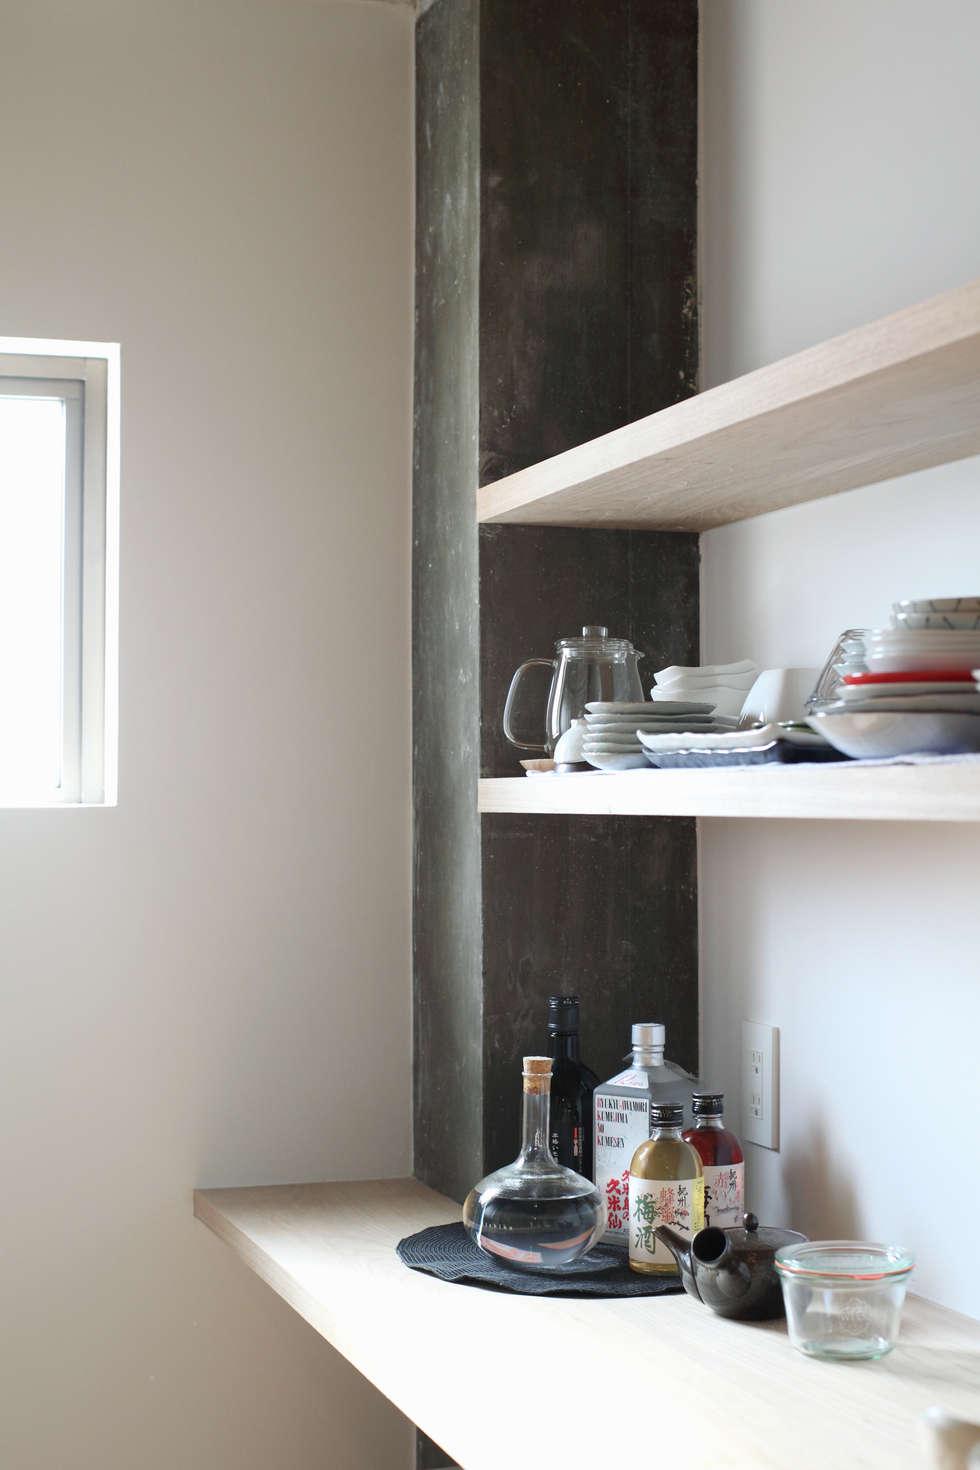 中京区の家/キッチン: 一級建築士事務所 こよりが手掛けたキッチンです。